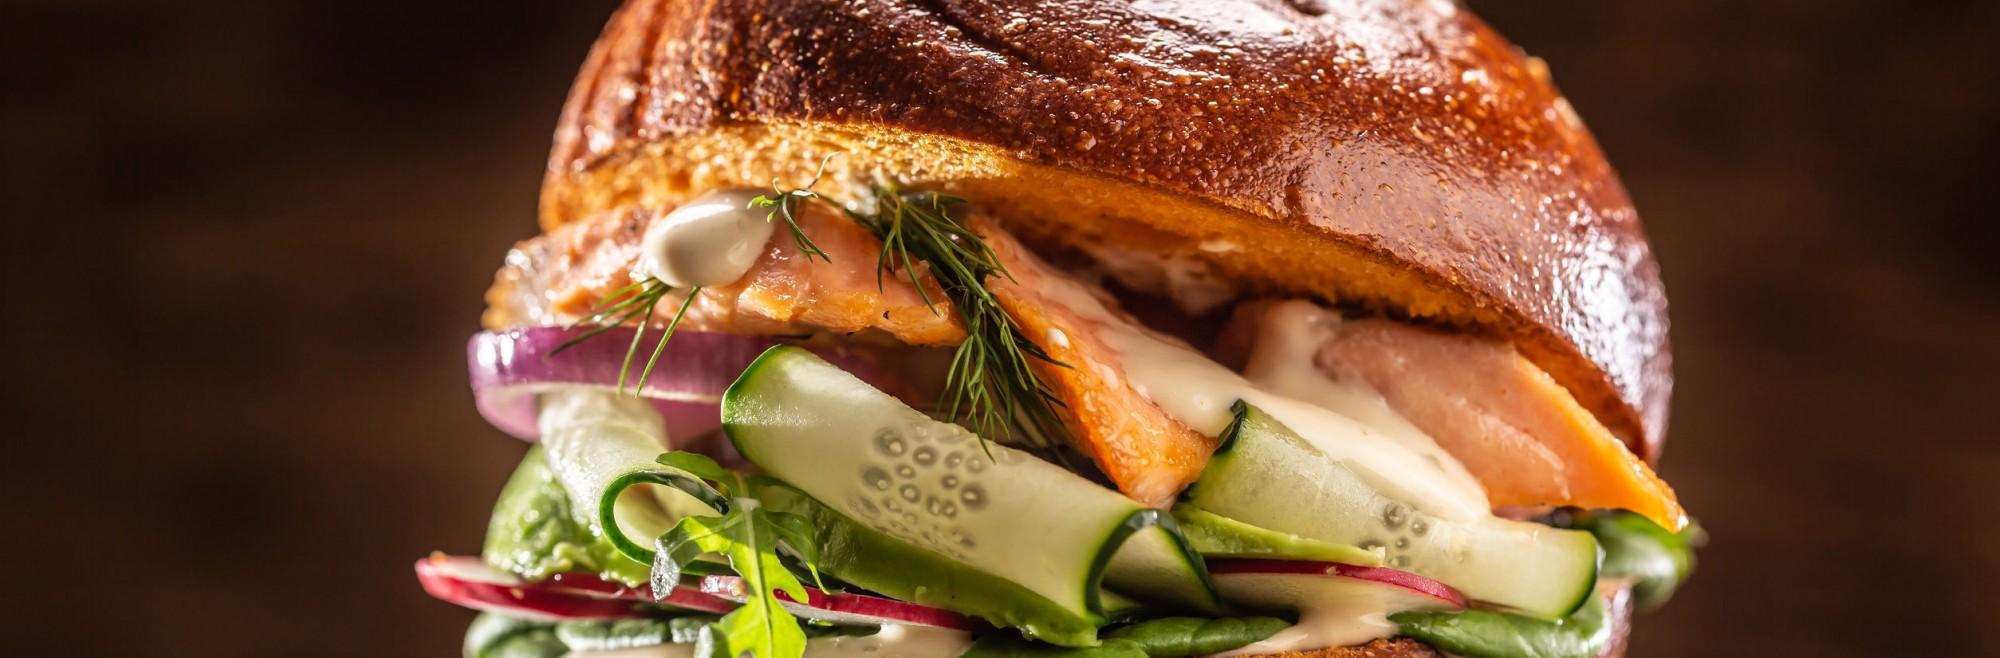 Love Burger de Saumon Fumé